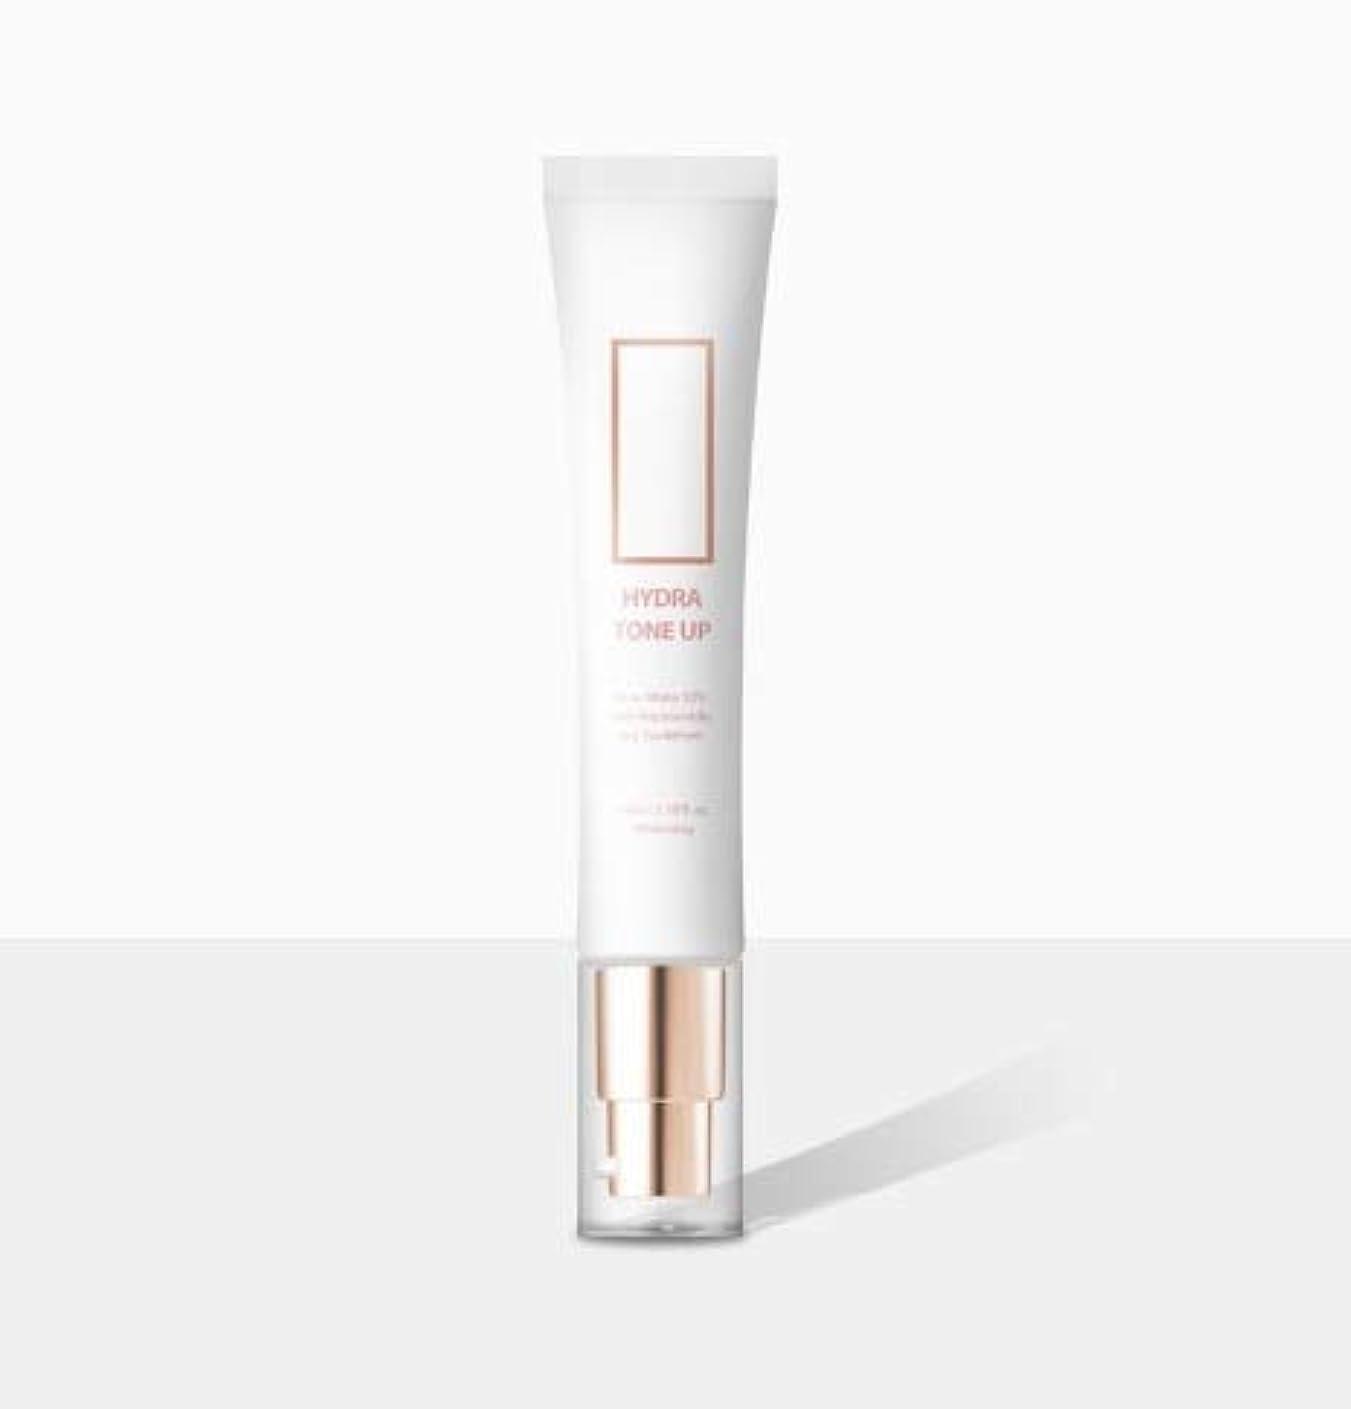 知性別々に閉塞AIDA 10mgRx ヒドラトーンアップクリーム 35ml (すべての肌タイプのために、明るくしわ) / Hydra Tone-Up Cream